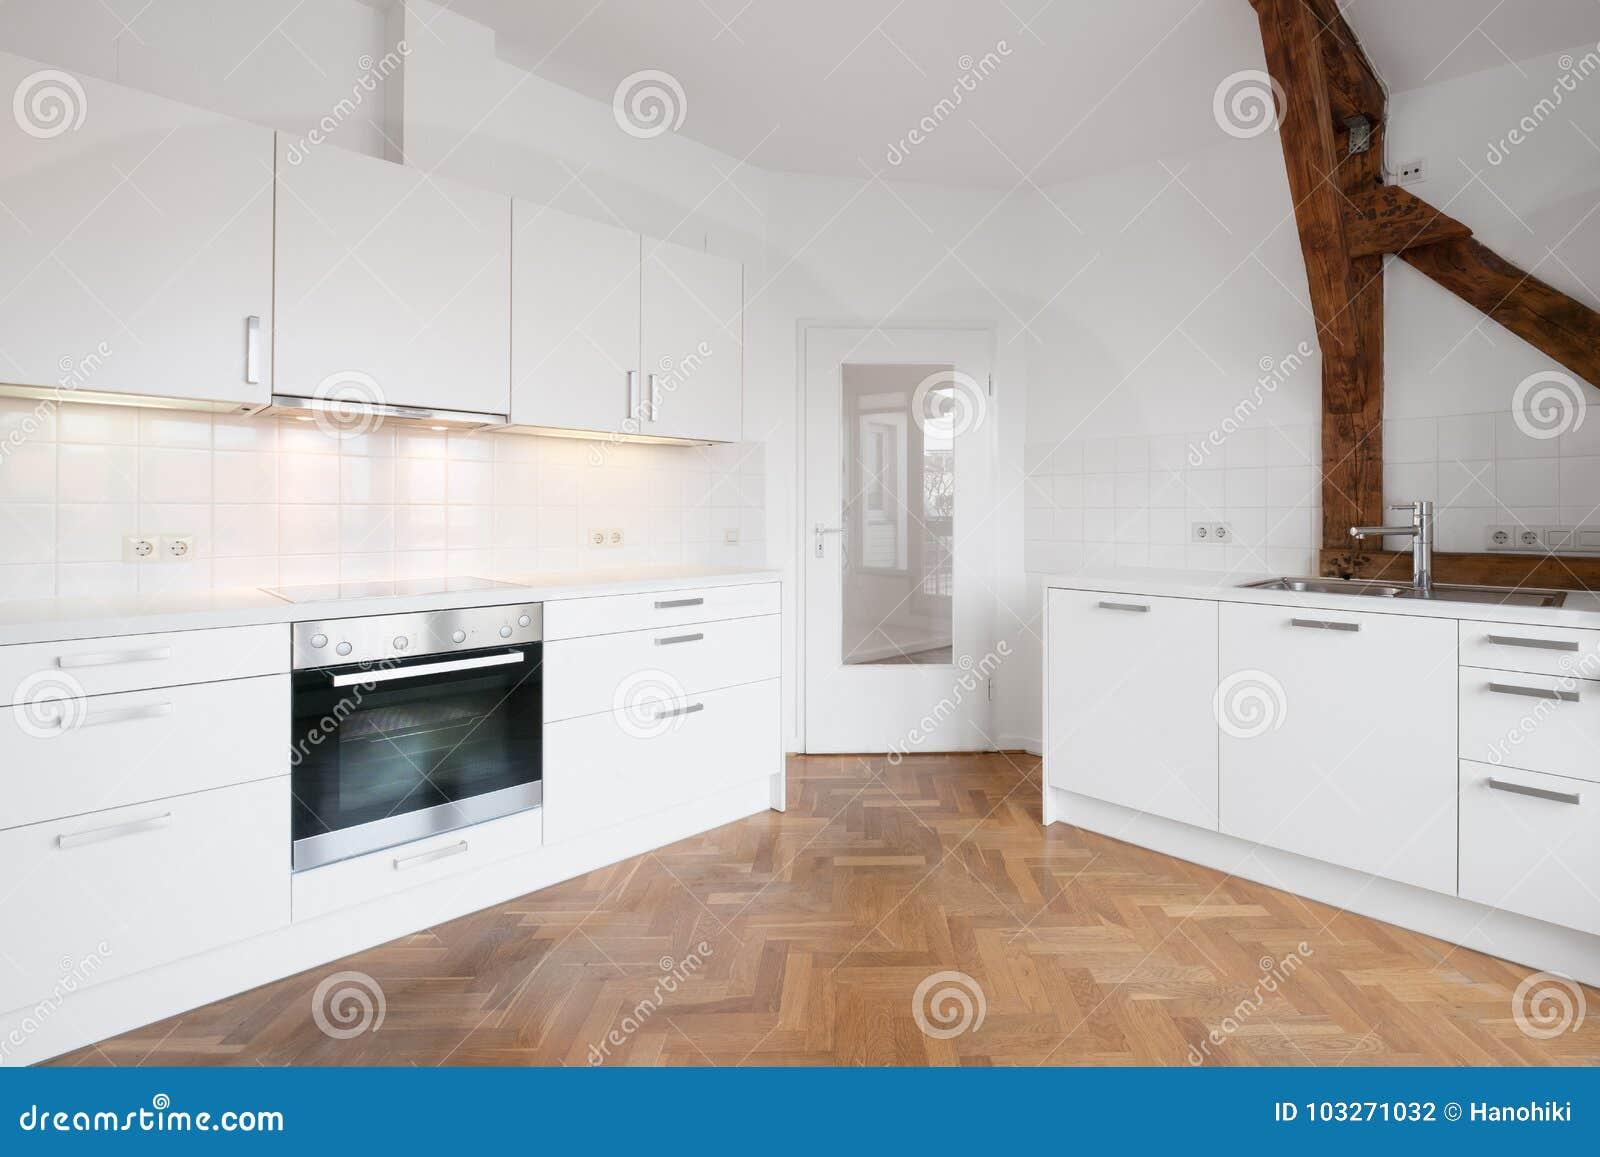 Moderne Houten Vloeren : Moderne keuken met houten vloer vers gerenoveerd plat u stockfoto